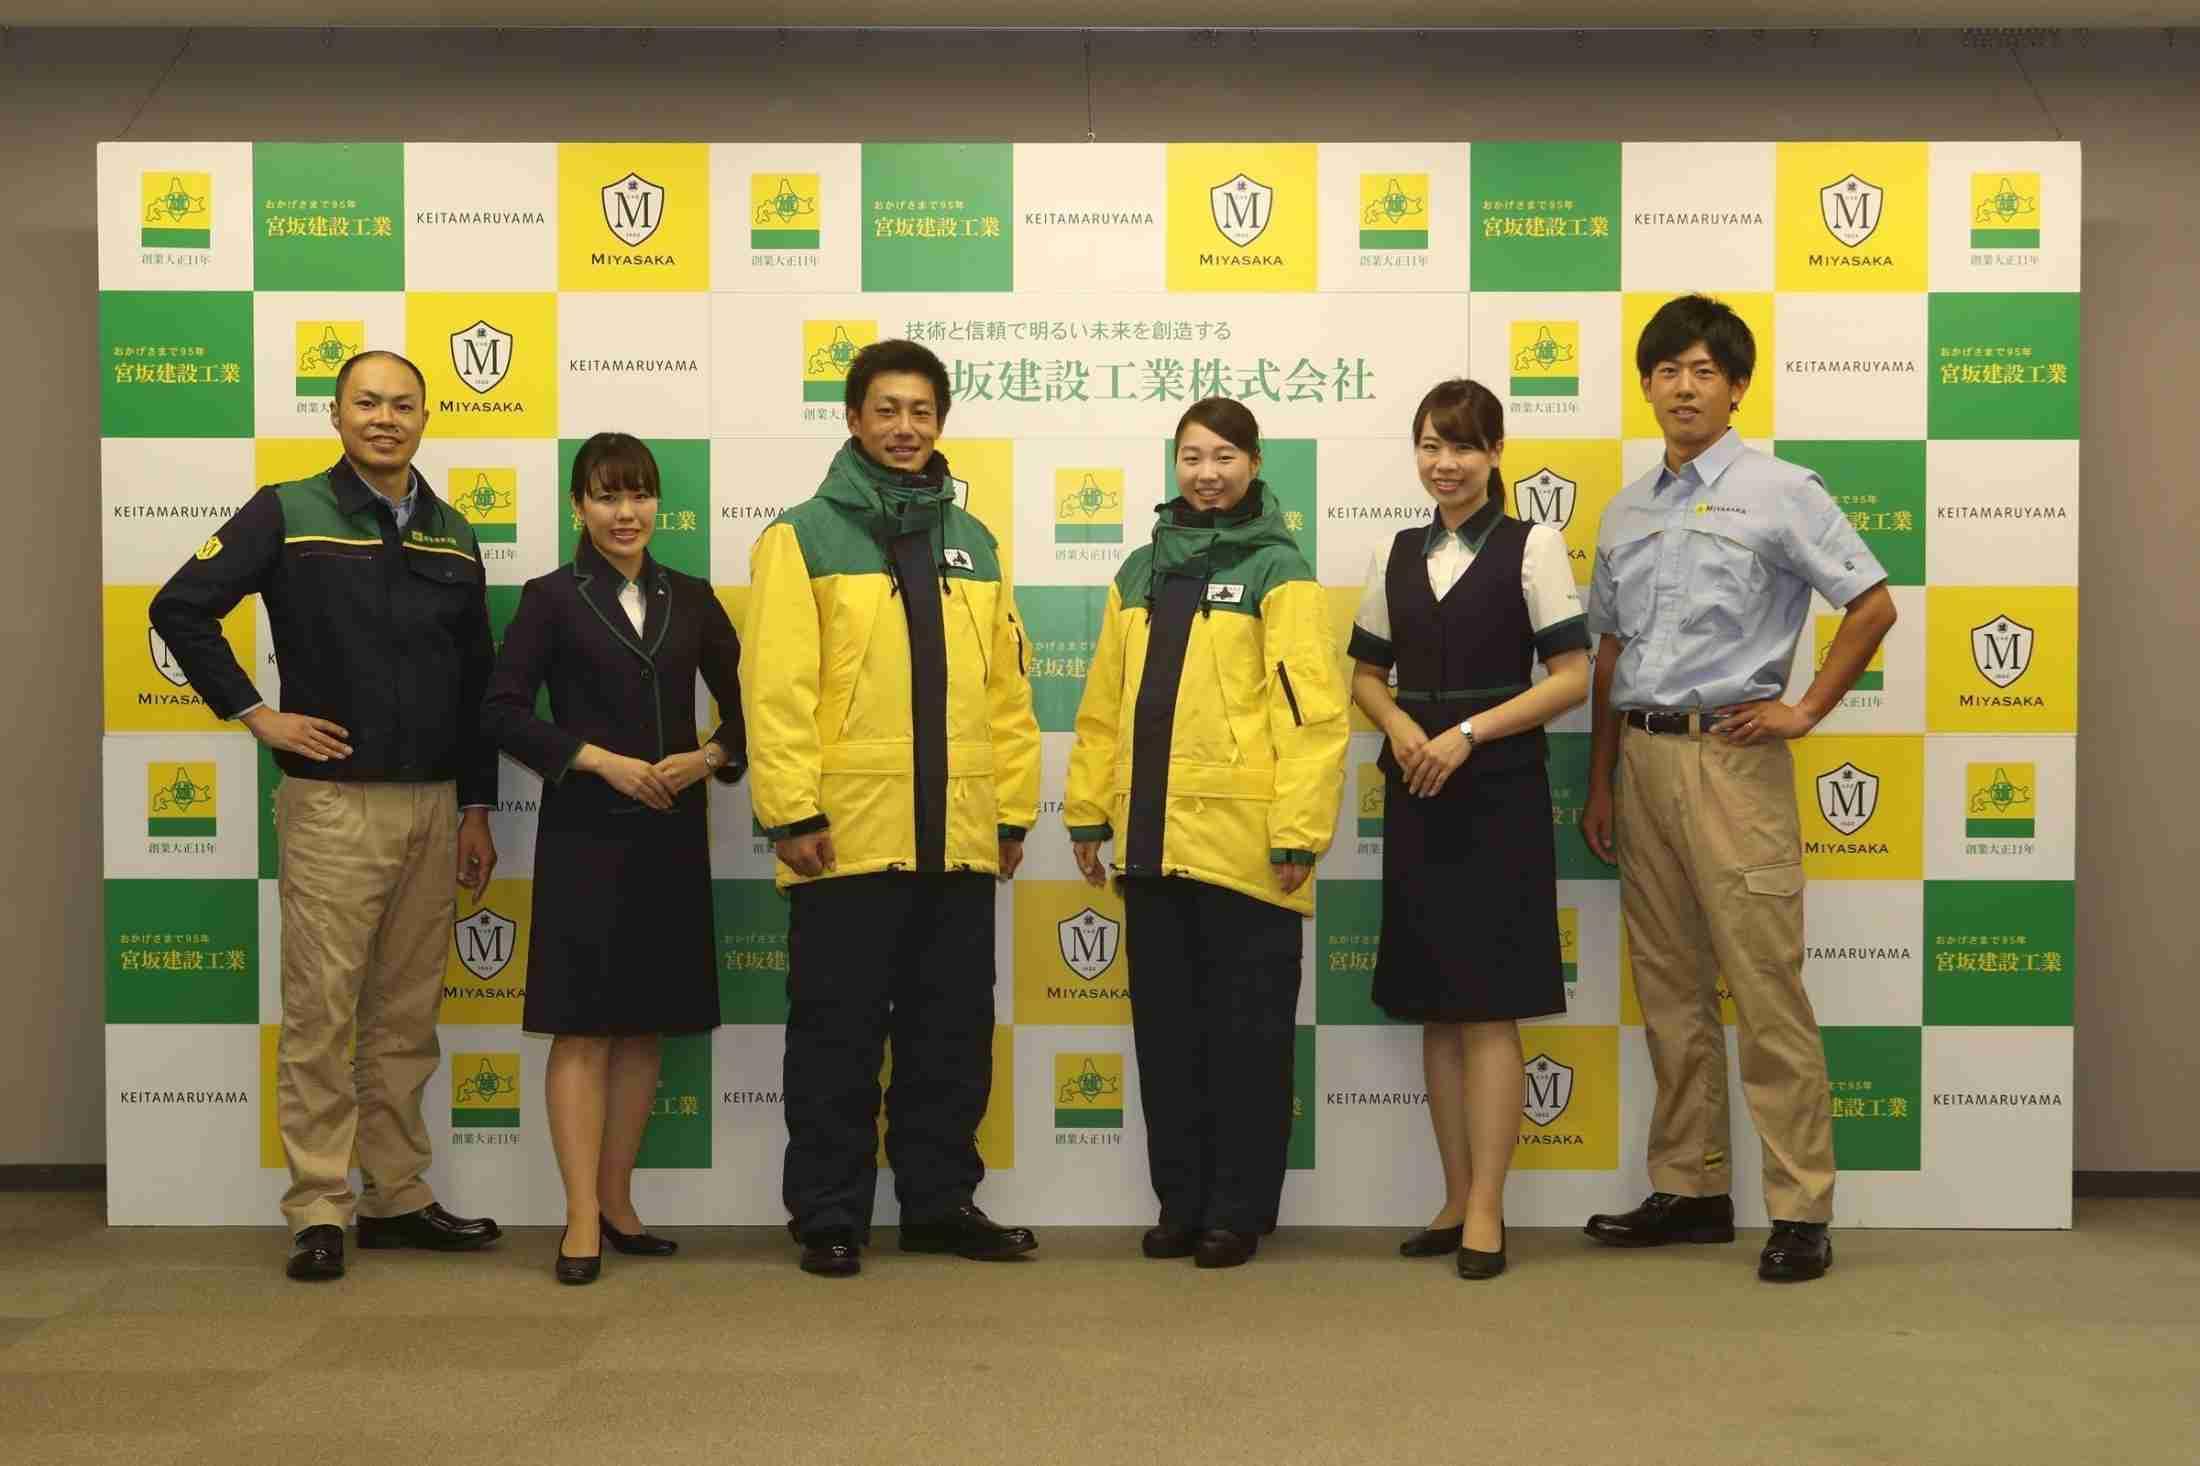 服飾デザイナー丸山敬太さんがデザイン 帯広の建設会社が新しい防寒服を導入 (十勝毎日新聞 電子版) - Yahoo!ニュース